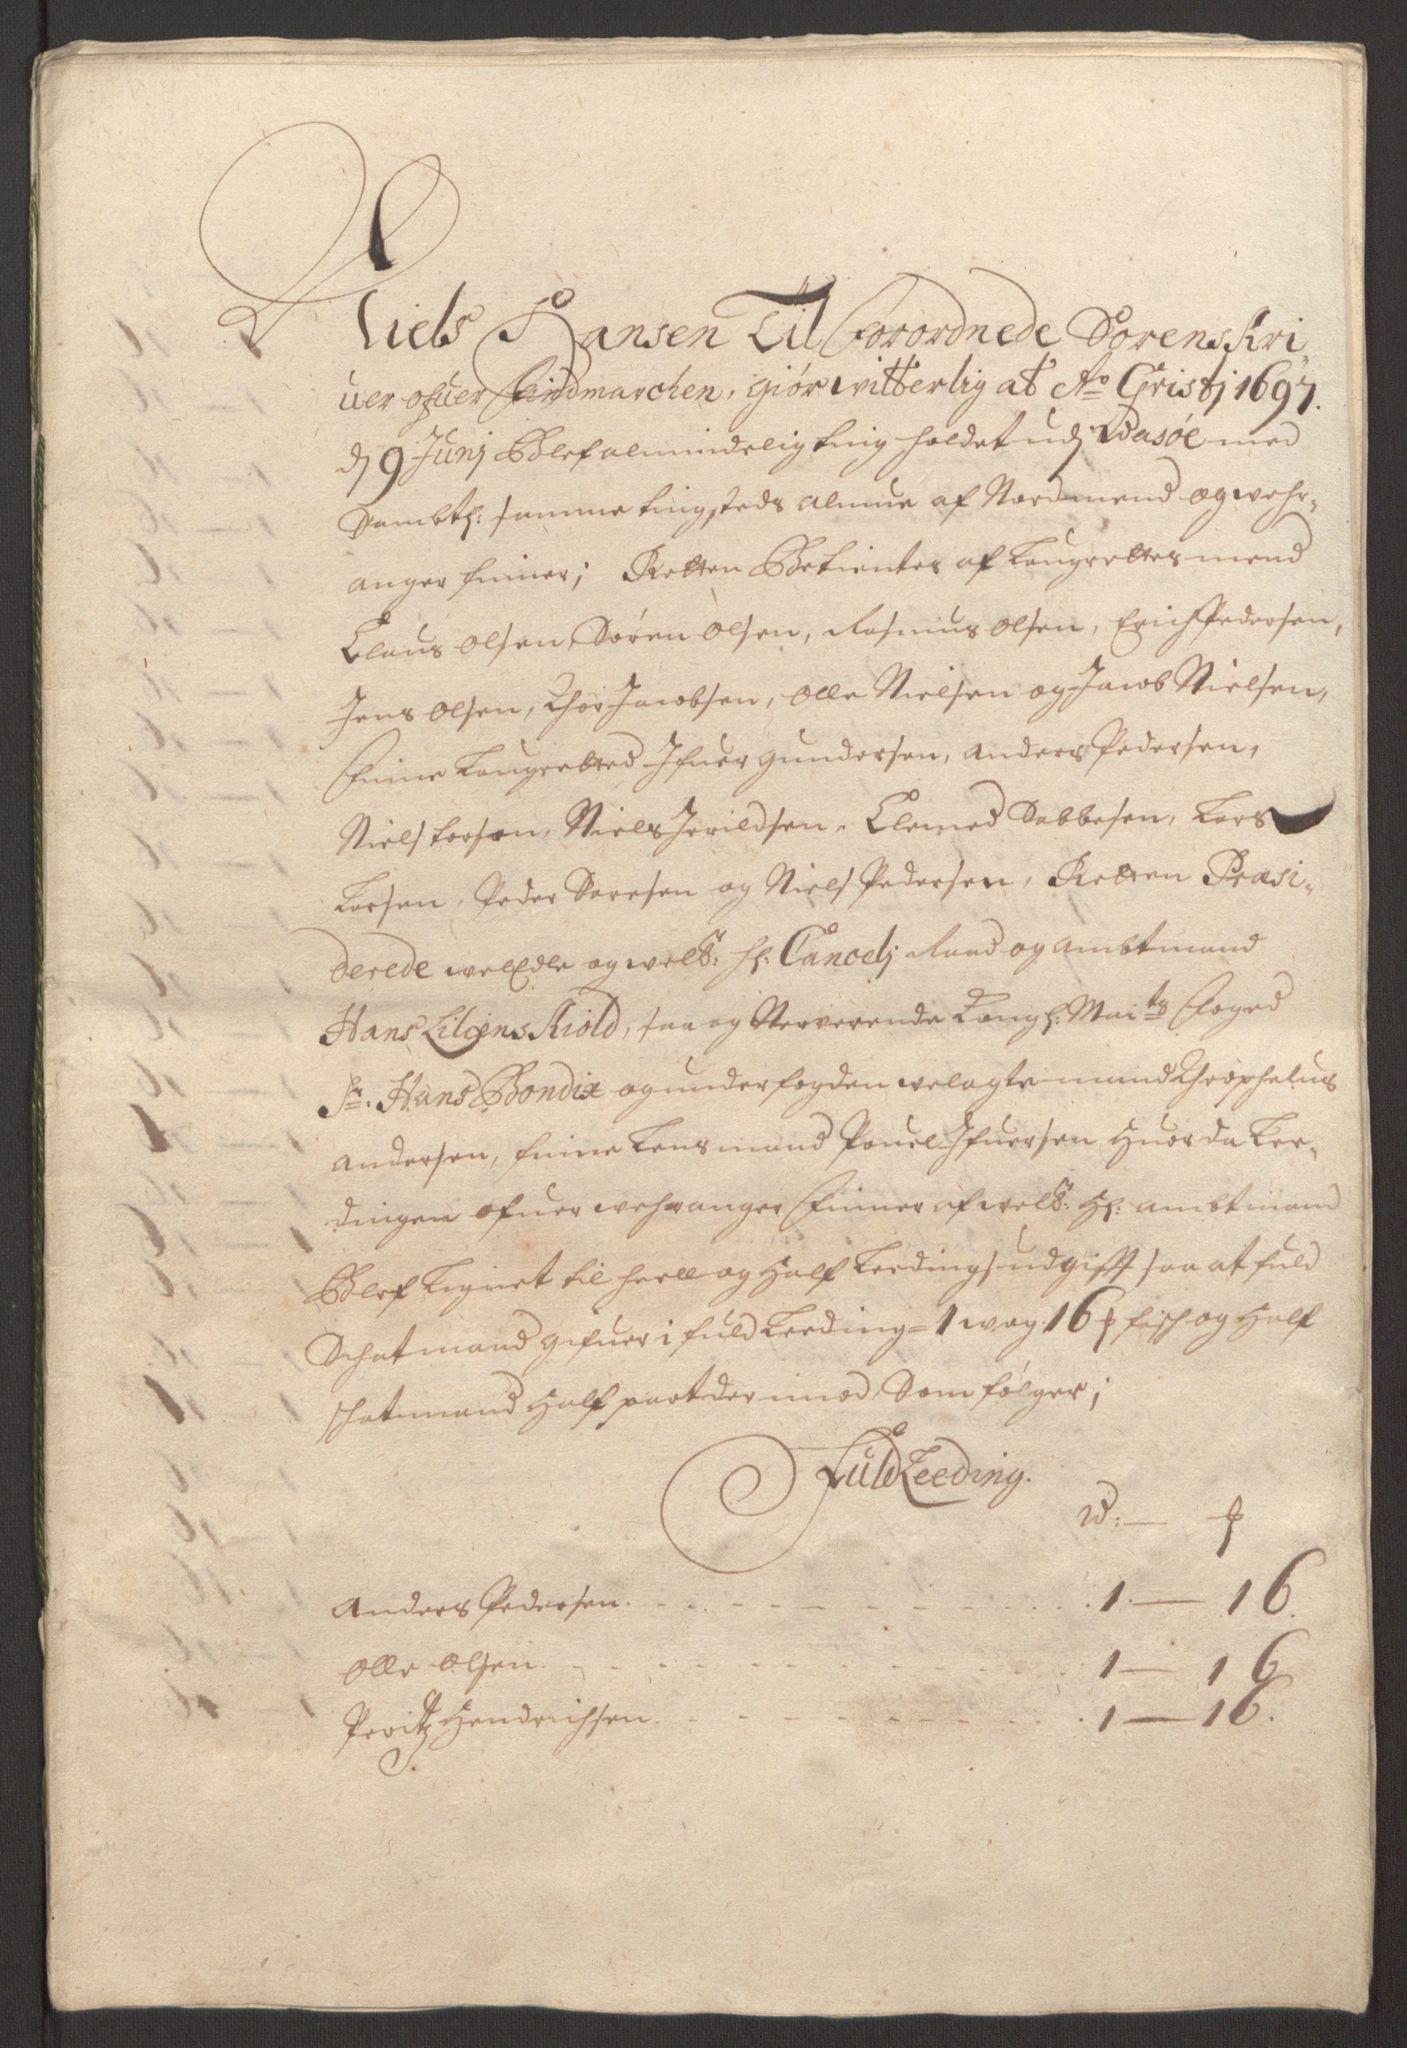 RA, Rentekammeret inntil 1814, Reviderte regnskaper, Fogderegnskap, R69/L4851: Fogderegnskap Finnmark/Vardøhus, 1691-1700, s. 315